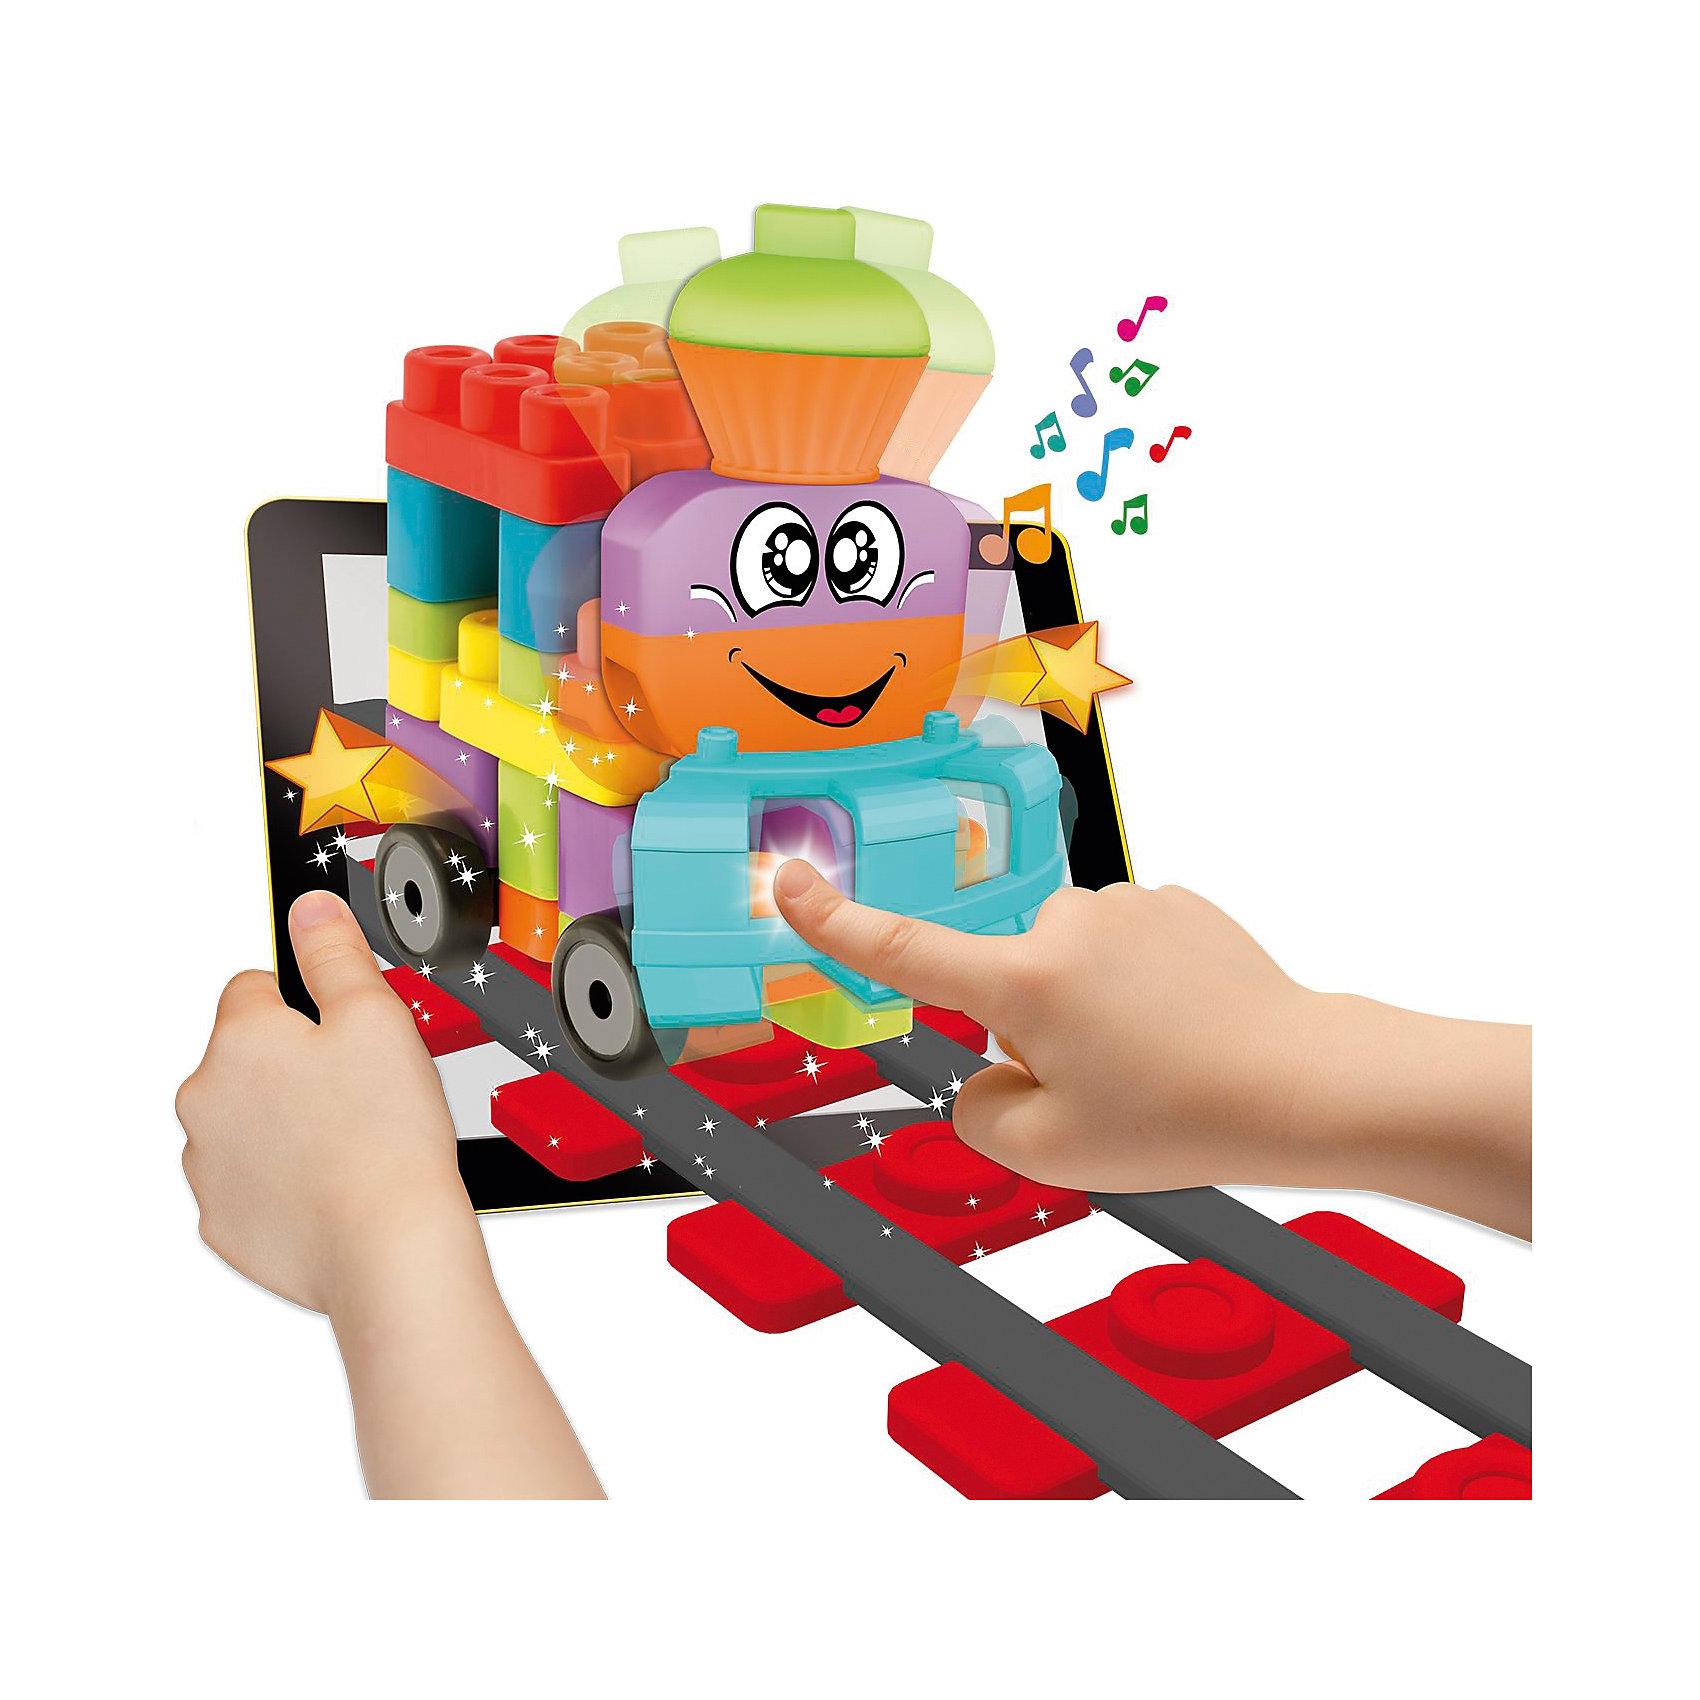 Набор строительных блоков Машины, 40шт, CHICCOИнтерактивные игрушки для малышей<br>Набор строительных блоков Машины, 40шт, CHICCO (ЧИКО) – это конструктор с которым виртуальность становится реальностью.<br>С набором строительных блоков Машины от Chicco (Чико) ребенок научится собирать забавные фигурки в виде различных транспортных средств - самолет, забавный паровозик, вертолет, параплан и грузовой автомобильчик. Целых 5 весёлых транспортных средств! Игрушка помогает ребенку развивать мелкую моторику, логическое и образное мышление, а также фантазию и воображение! На этом волшебство этой игрушки не заканчивается! Скачайте бесплатное приложение в AppStore или GooglePlay и оживите собранную фигурку! Приложение подходит для планшетов и смартфонов. Направляя планшет на собранную фигурку, малыш увидит, как игрушка оживет, будет мило улыбаться ему с экрана, подмигивать и хлопать глазками, а нажимая на фигурку на экране планшета, малыш увидит, как она двигается и меняет свое положение! Набор изготовлен из высококачественного прочного и абсолютно безопасного пластика. Не содержит бисфенол-а.<br><br>Дополнительная информация:<br><br>- В наборе: 40 блоков<br>- Материал: пластик<br>- Размер упаковки: 250х70х424 мм.<br>- Вес: 750 гр.<br><br>Набор строительных блоков Машины, 40шт, CHICCO (ЧИКО) можно купить в нашем интернет-магазине.<br><br>Ширина мм: 250<br>Глубина мм: 70<br>Высота мм: 424<br>Вес г: 750<br>Возраст от месяцев: 12<br>Возраст до месяцев: 72<br>Пол: Унисекс<br>Возраст: Детский<br>SKU: 4577234